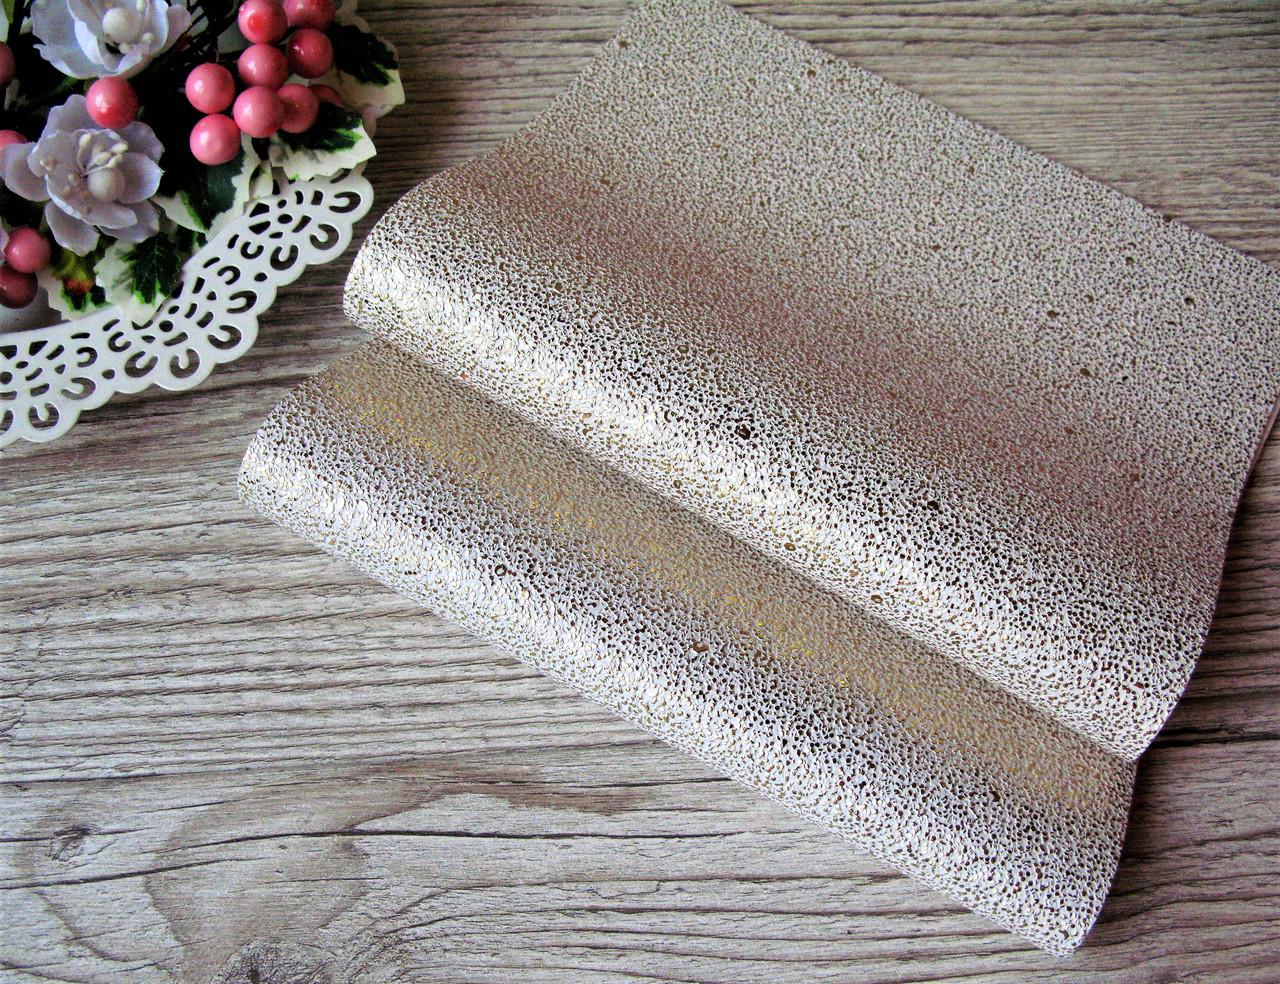 Эко кожа (кожзам) в крапинку - белая с золотом, лист 20 на 30 см. - 25 грн